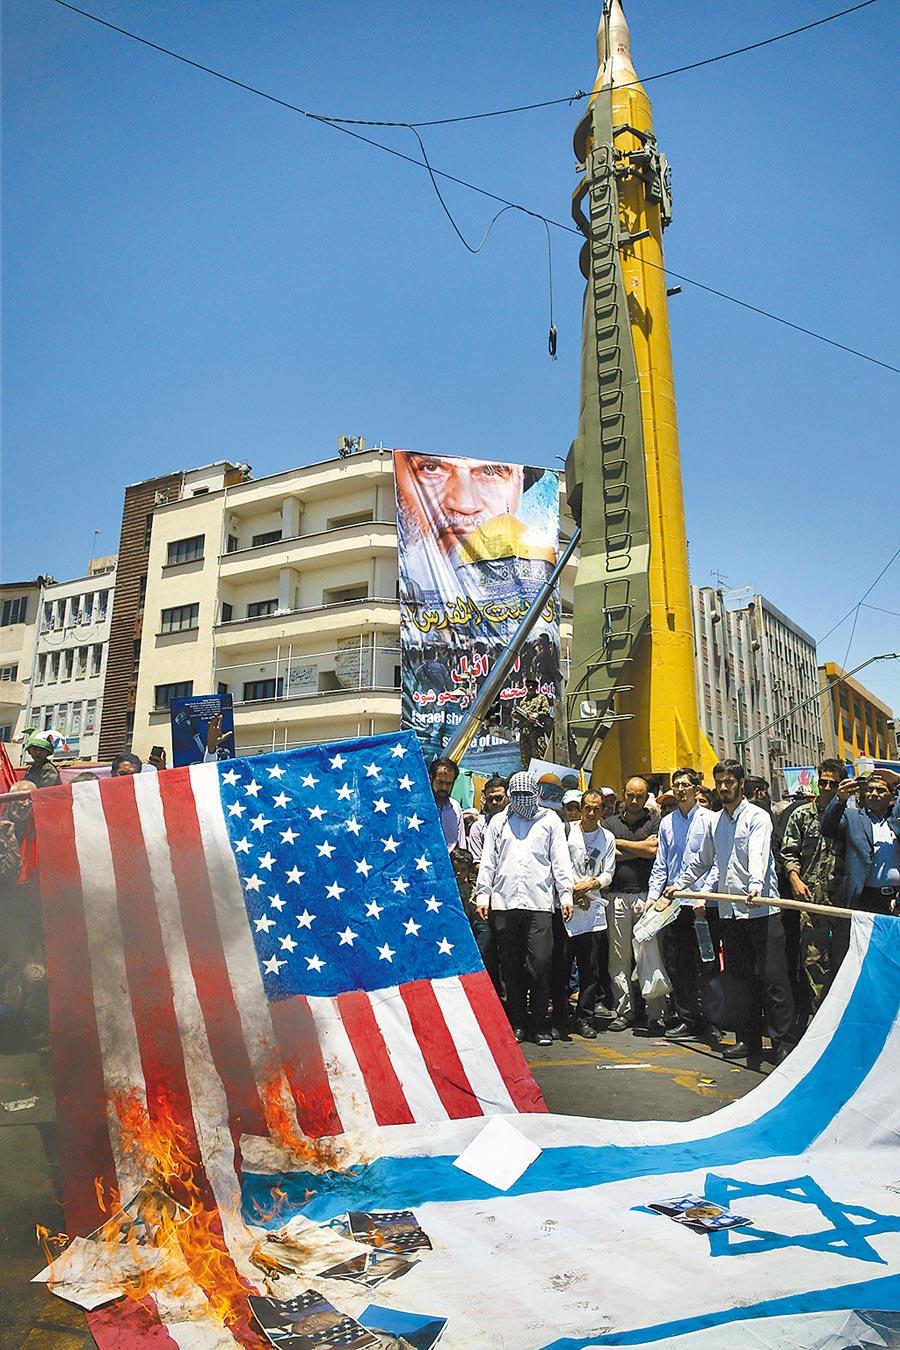 德黑蘭舉行反美、反以色列集會,群眾焚燒美、以國旗,背後矗立著彈道飛彈。美在中東的基地和航母都在射程內,伊朗揚言已做好全面戰爭的準備。(美聯社)